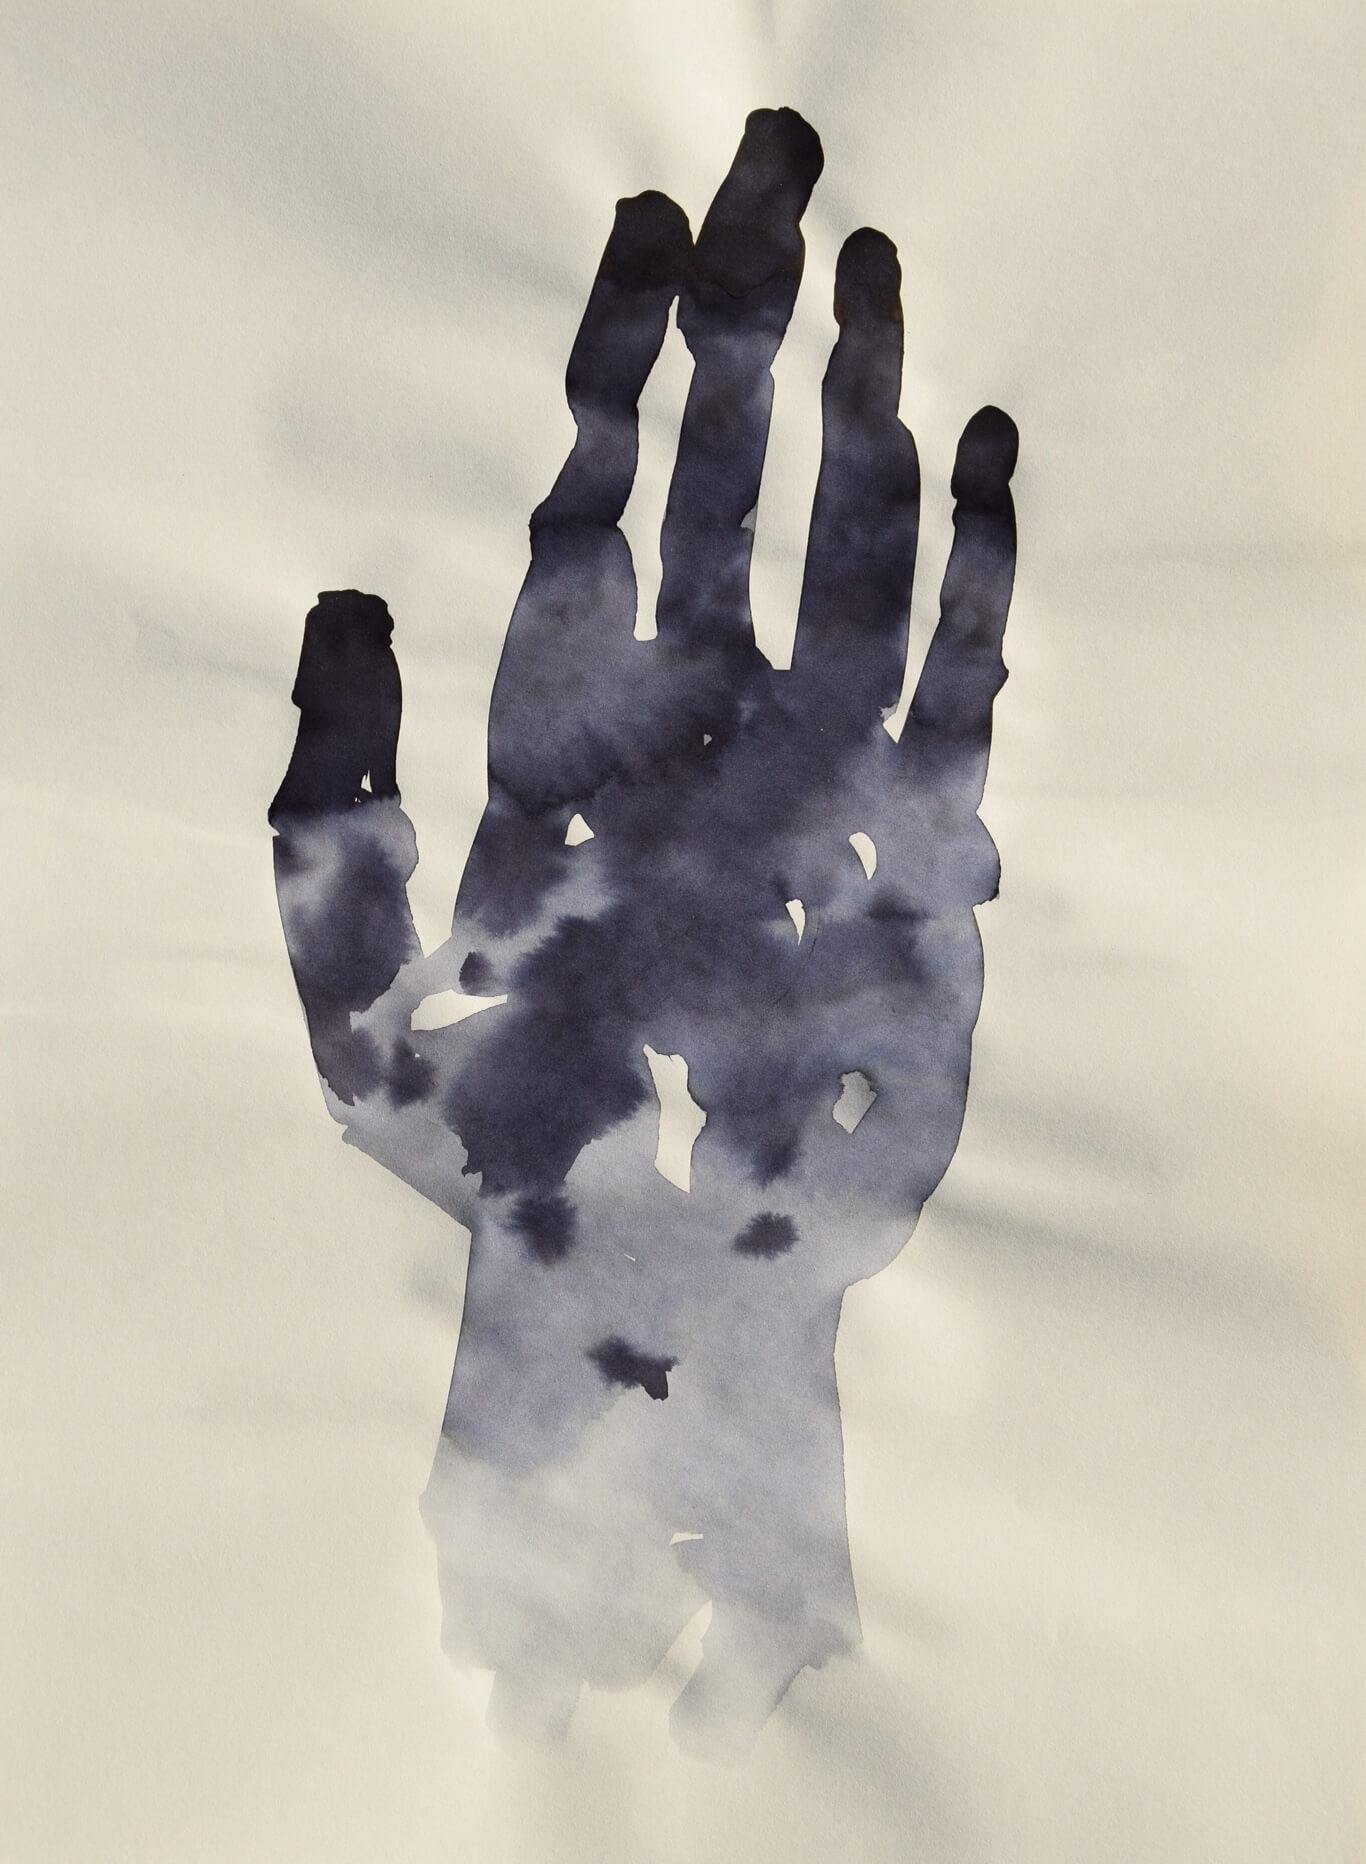 Federico Branchetti - Quadri dipinti - Corpo, acqua e nebbia 2019 - 14